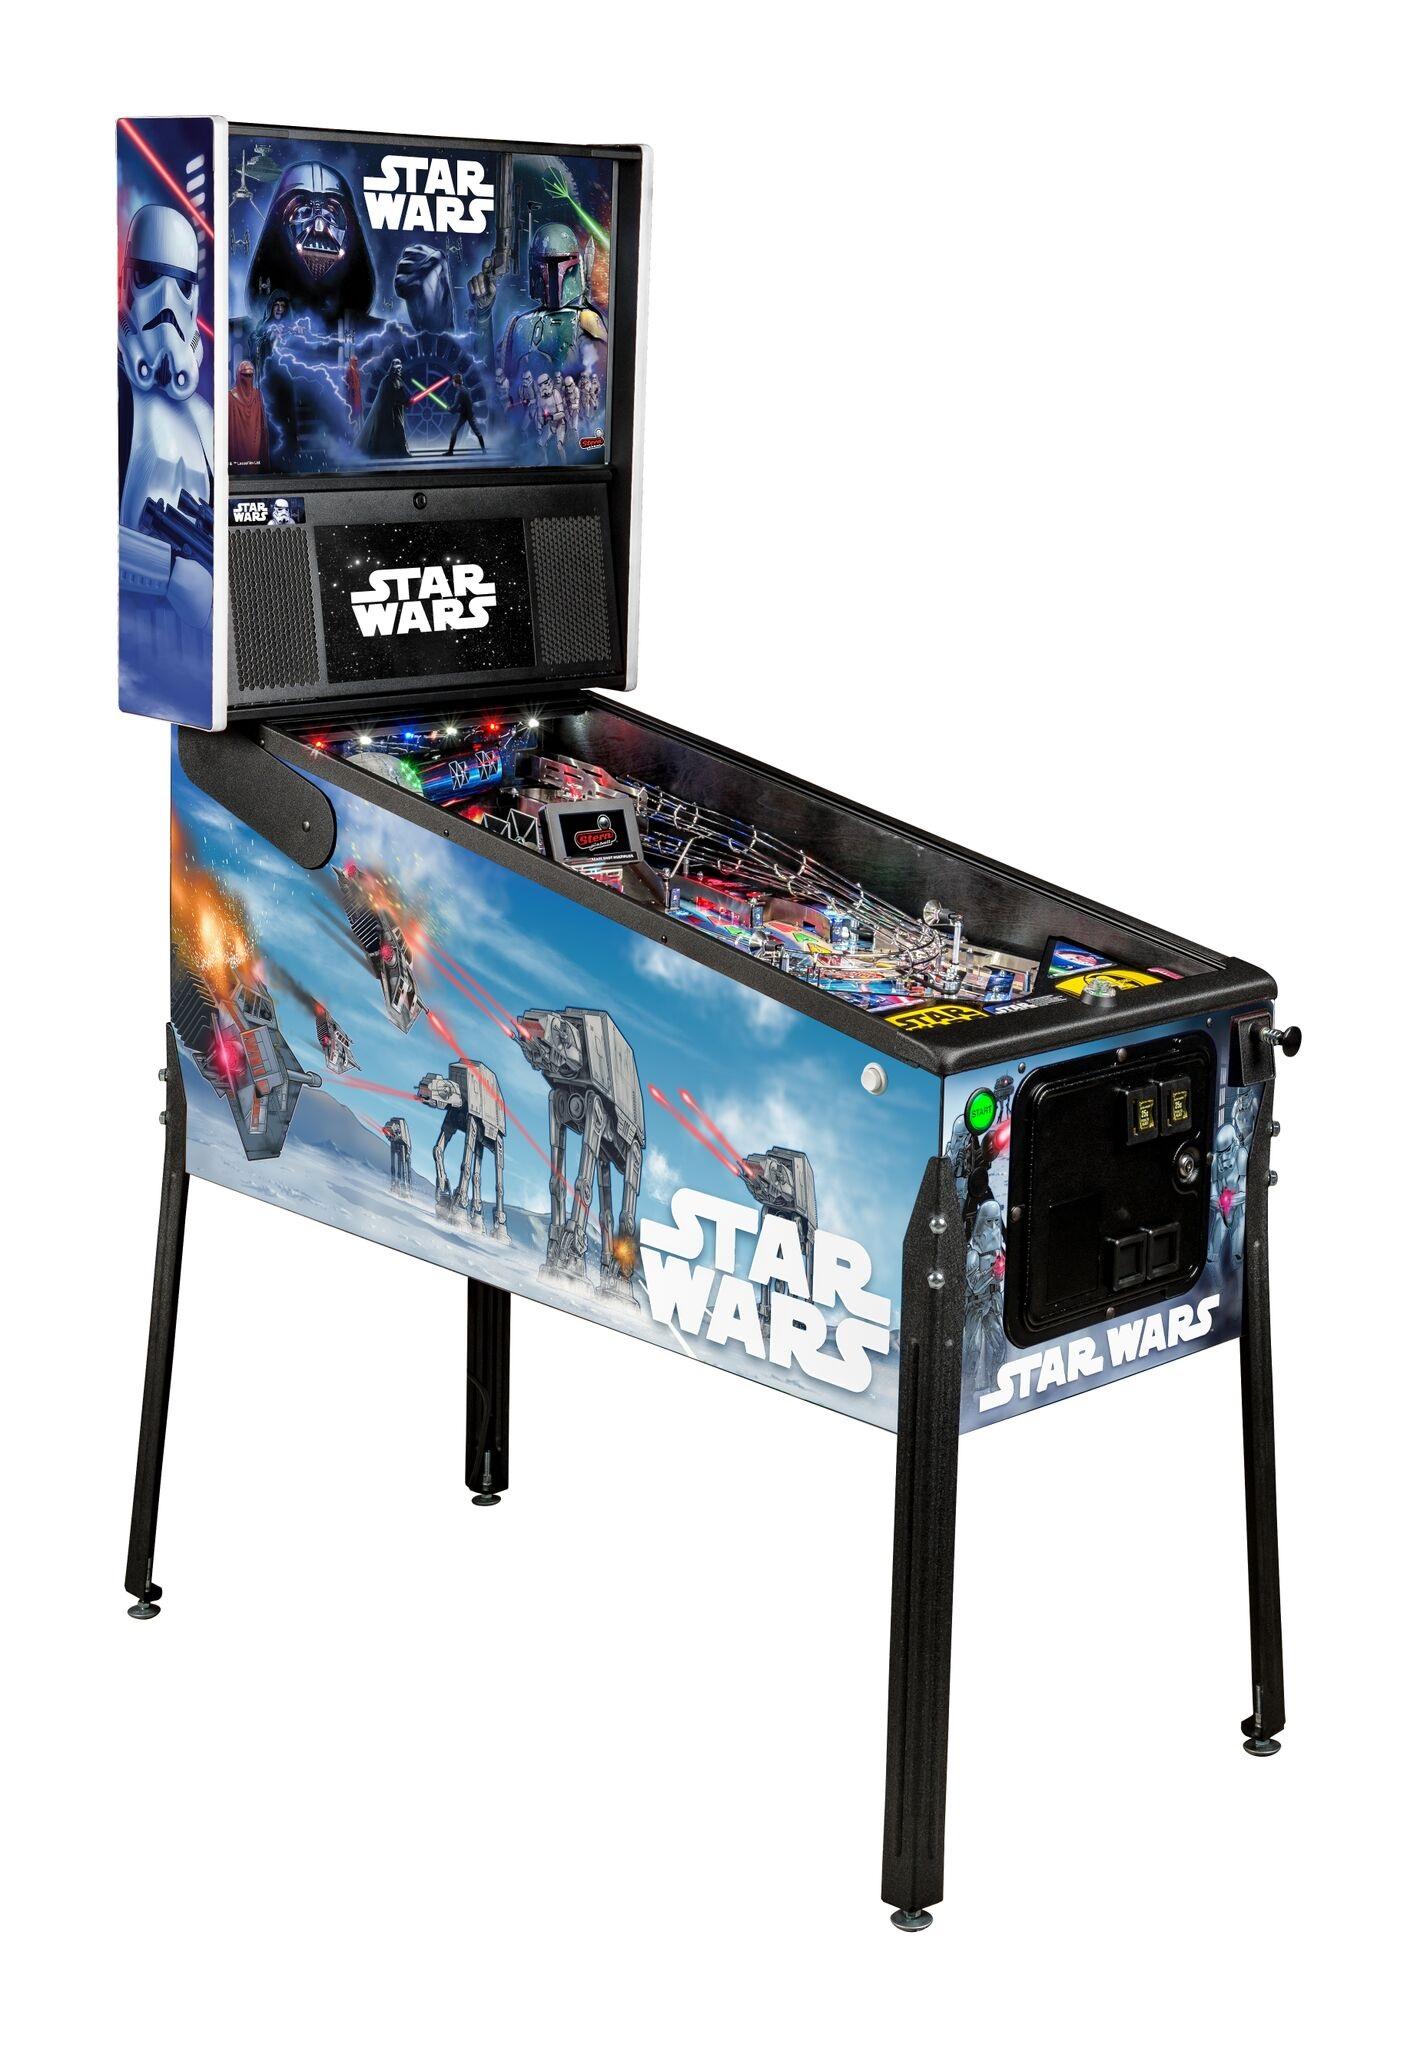 Stern Star Wars Premium Pinball Machine Free Shipping